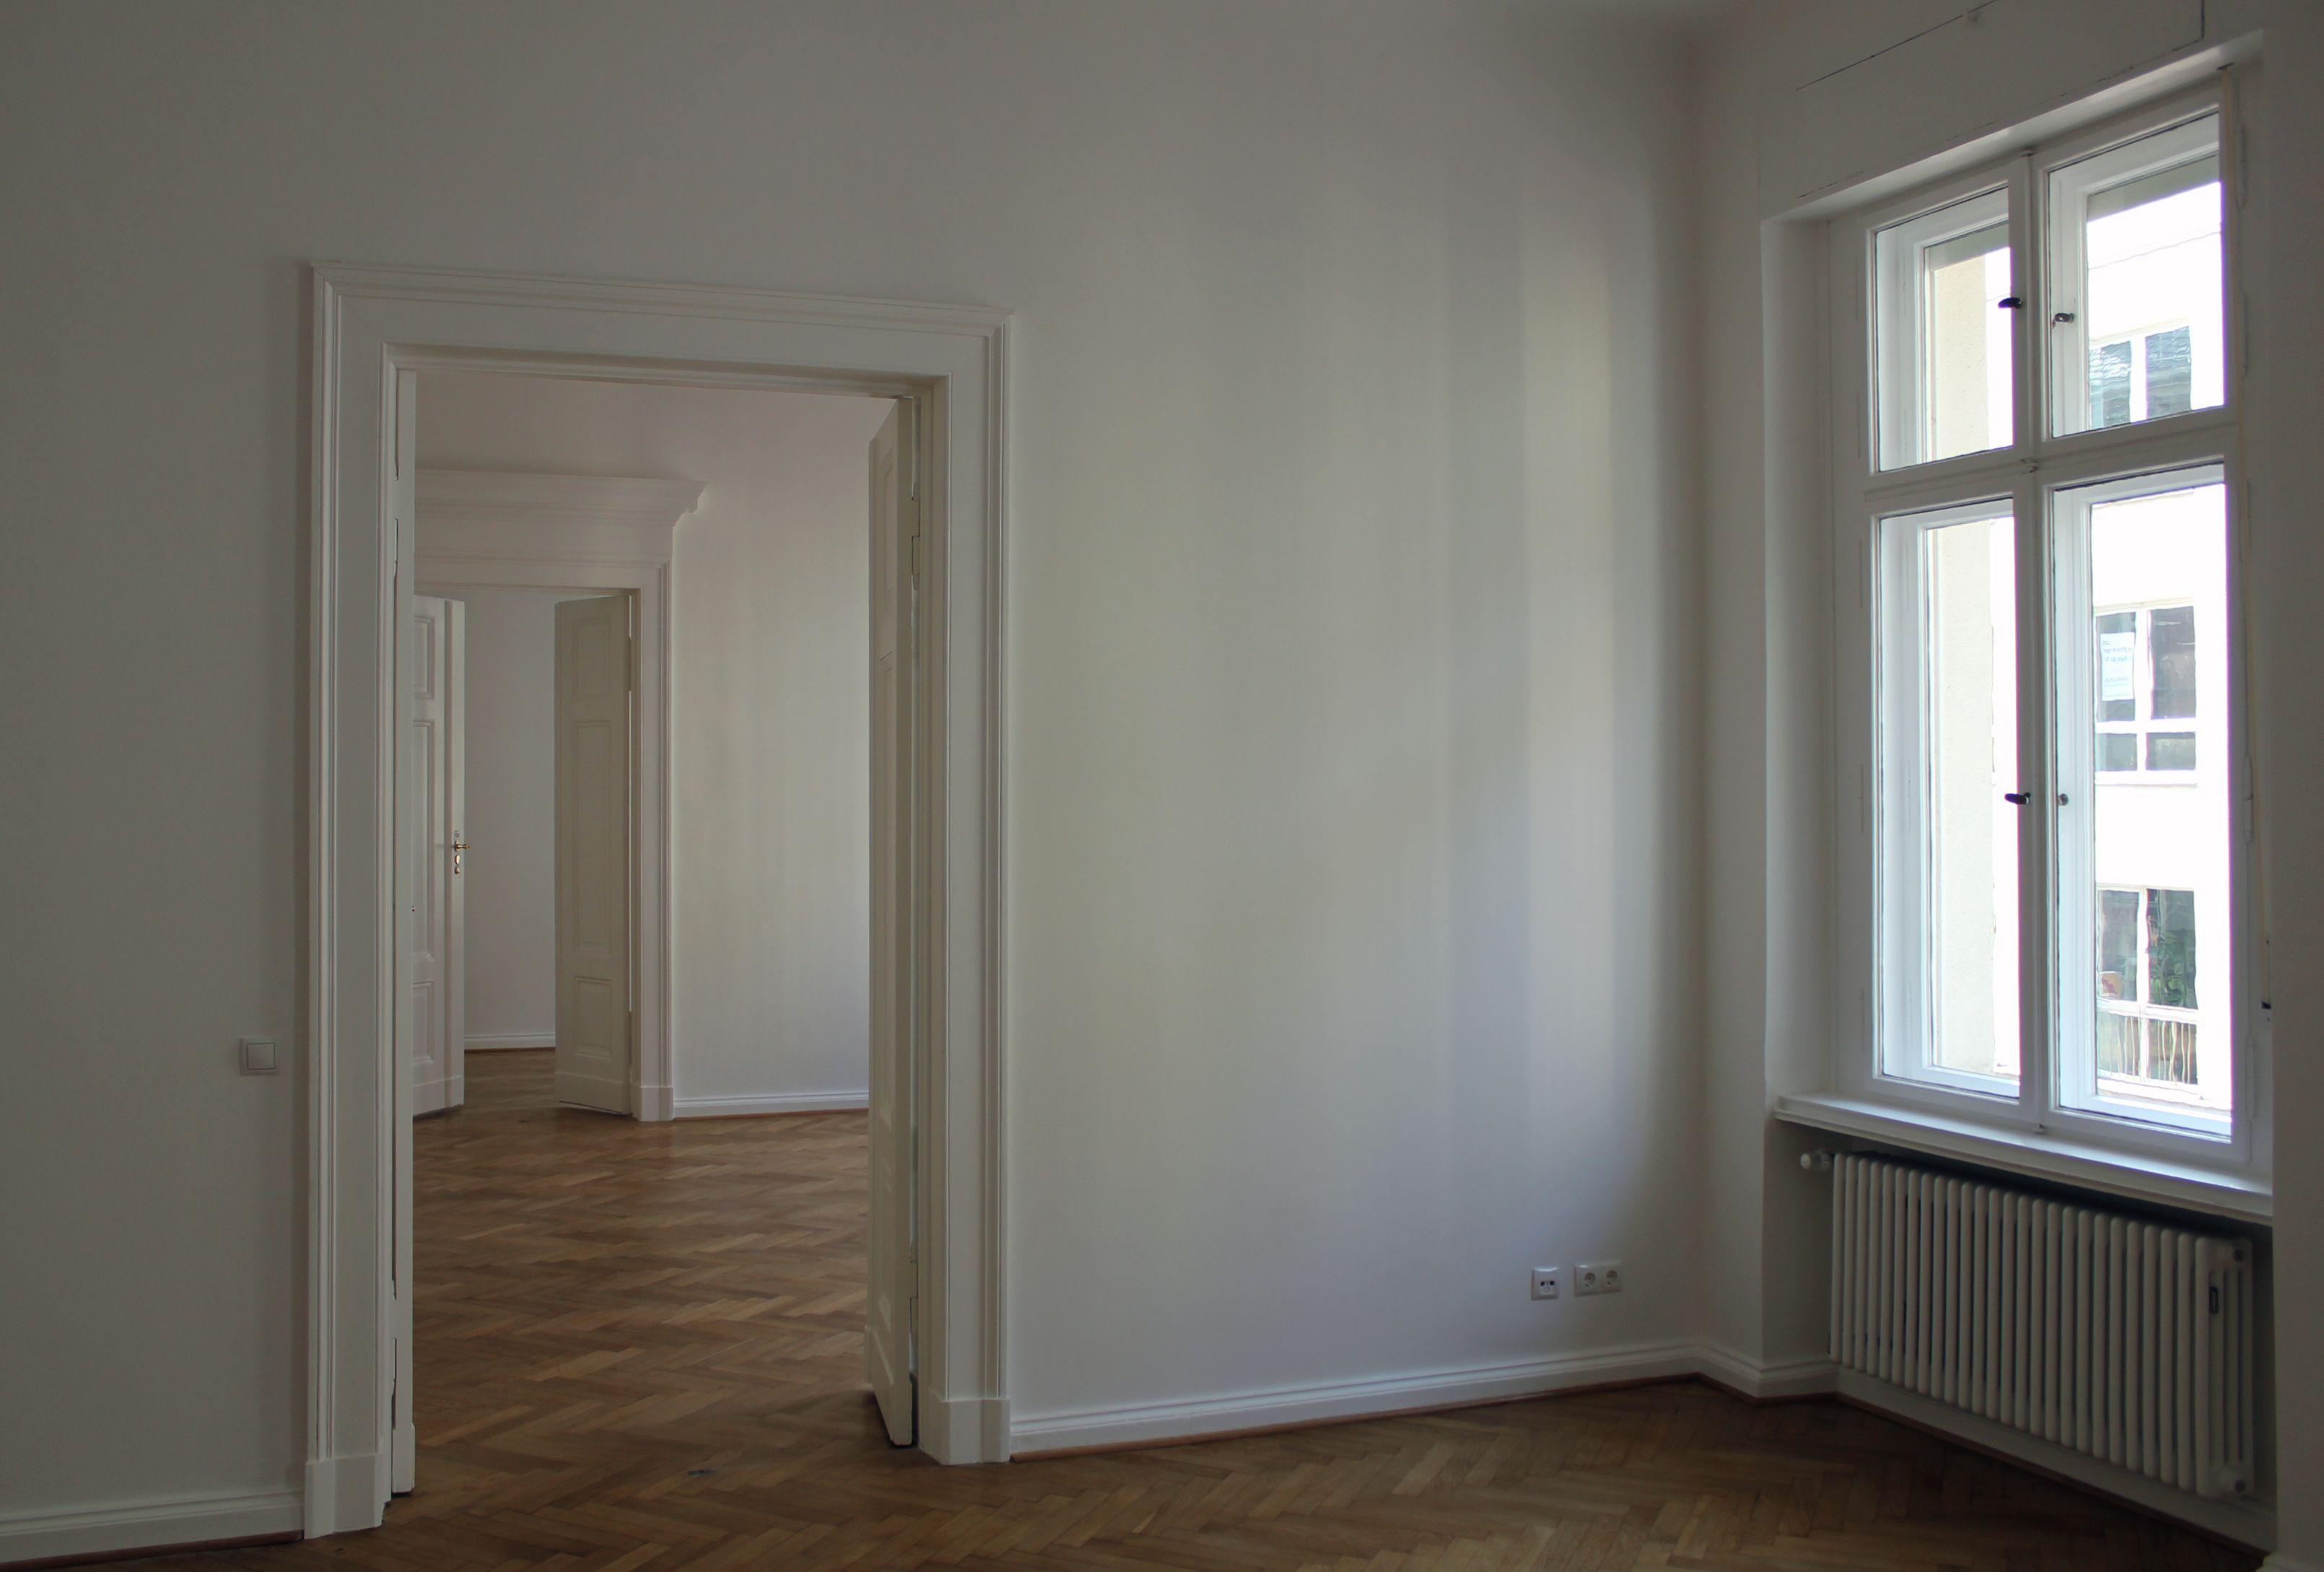 umbau und sanierung einer wohnung in berlin mitte perspektive gesellschaft f r bauberatung und. Black Bedroom Furniture Sets. Home Design Ideas